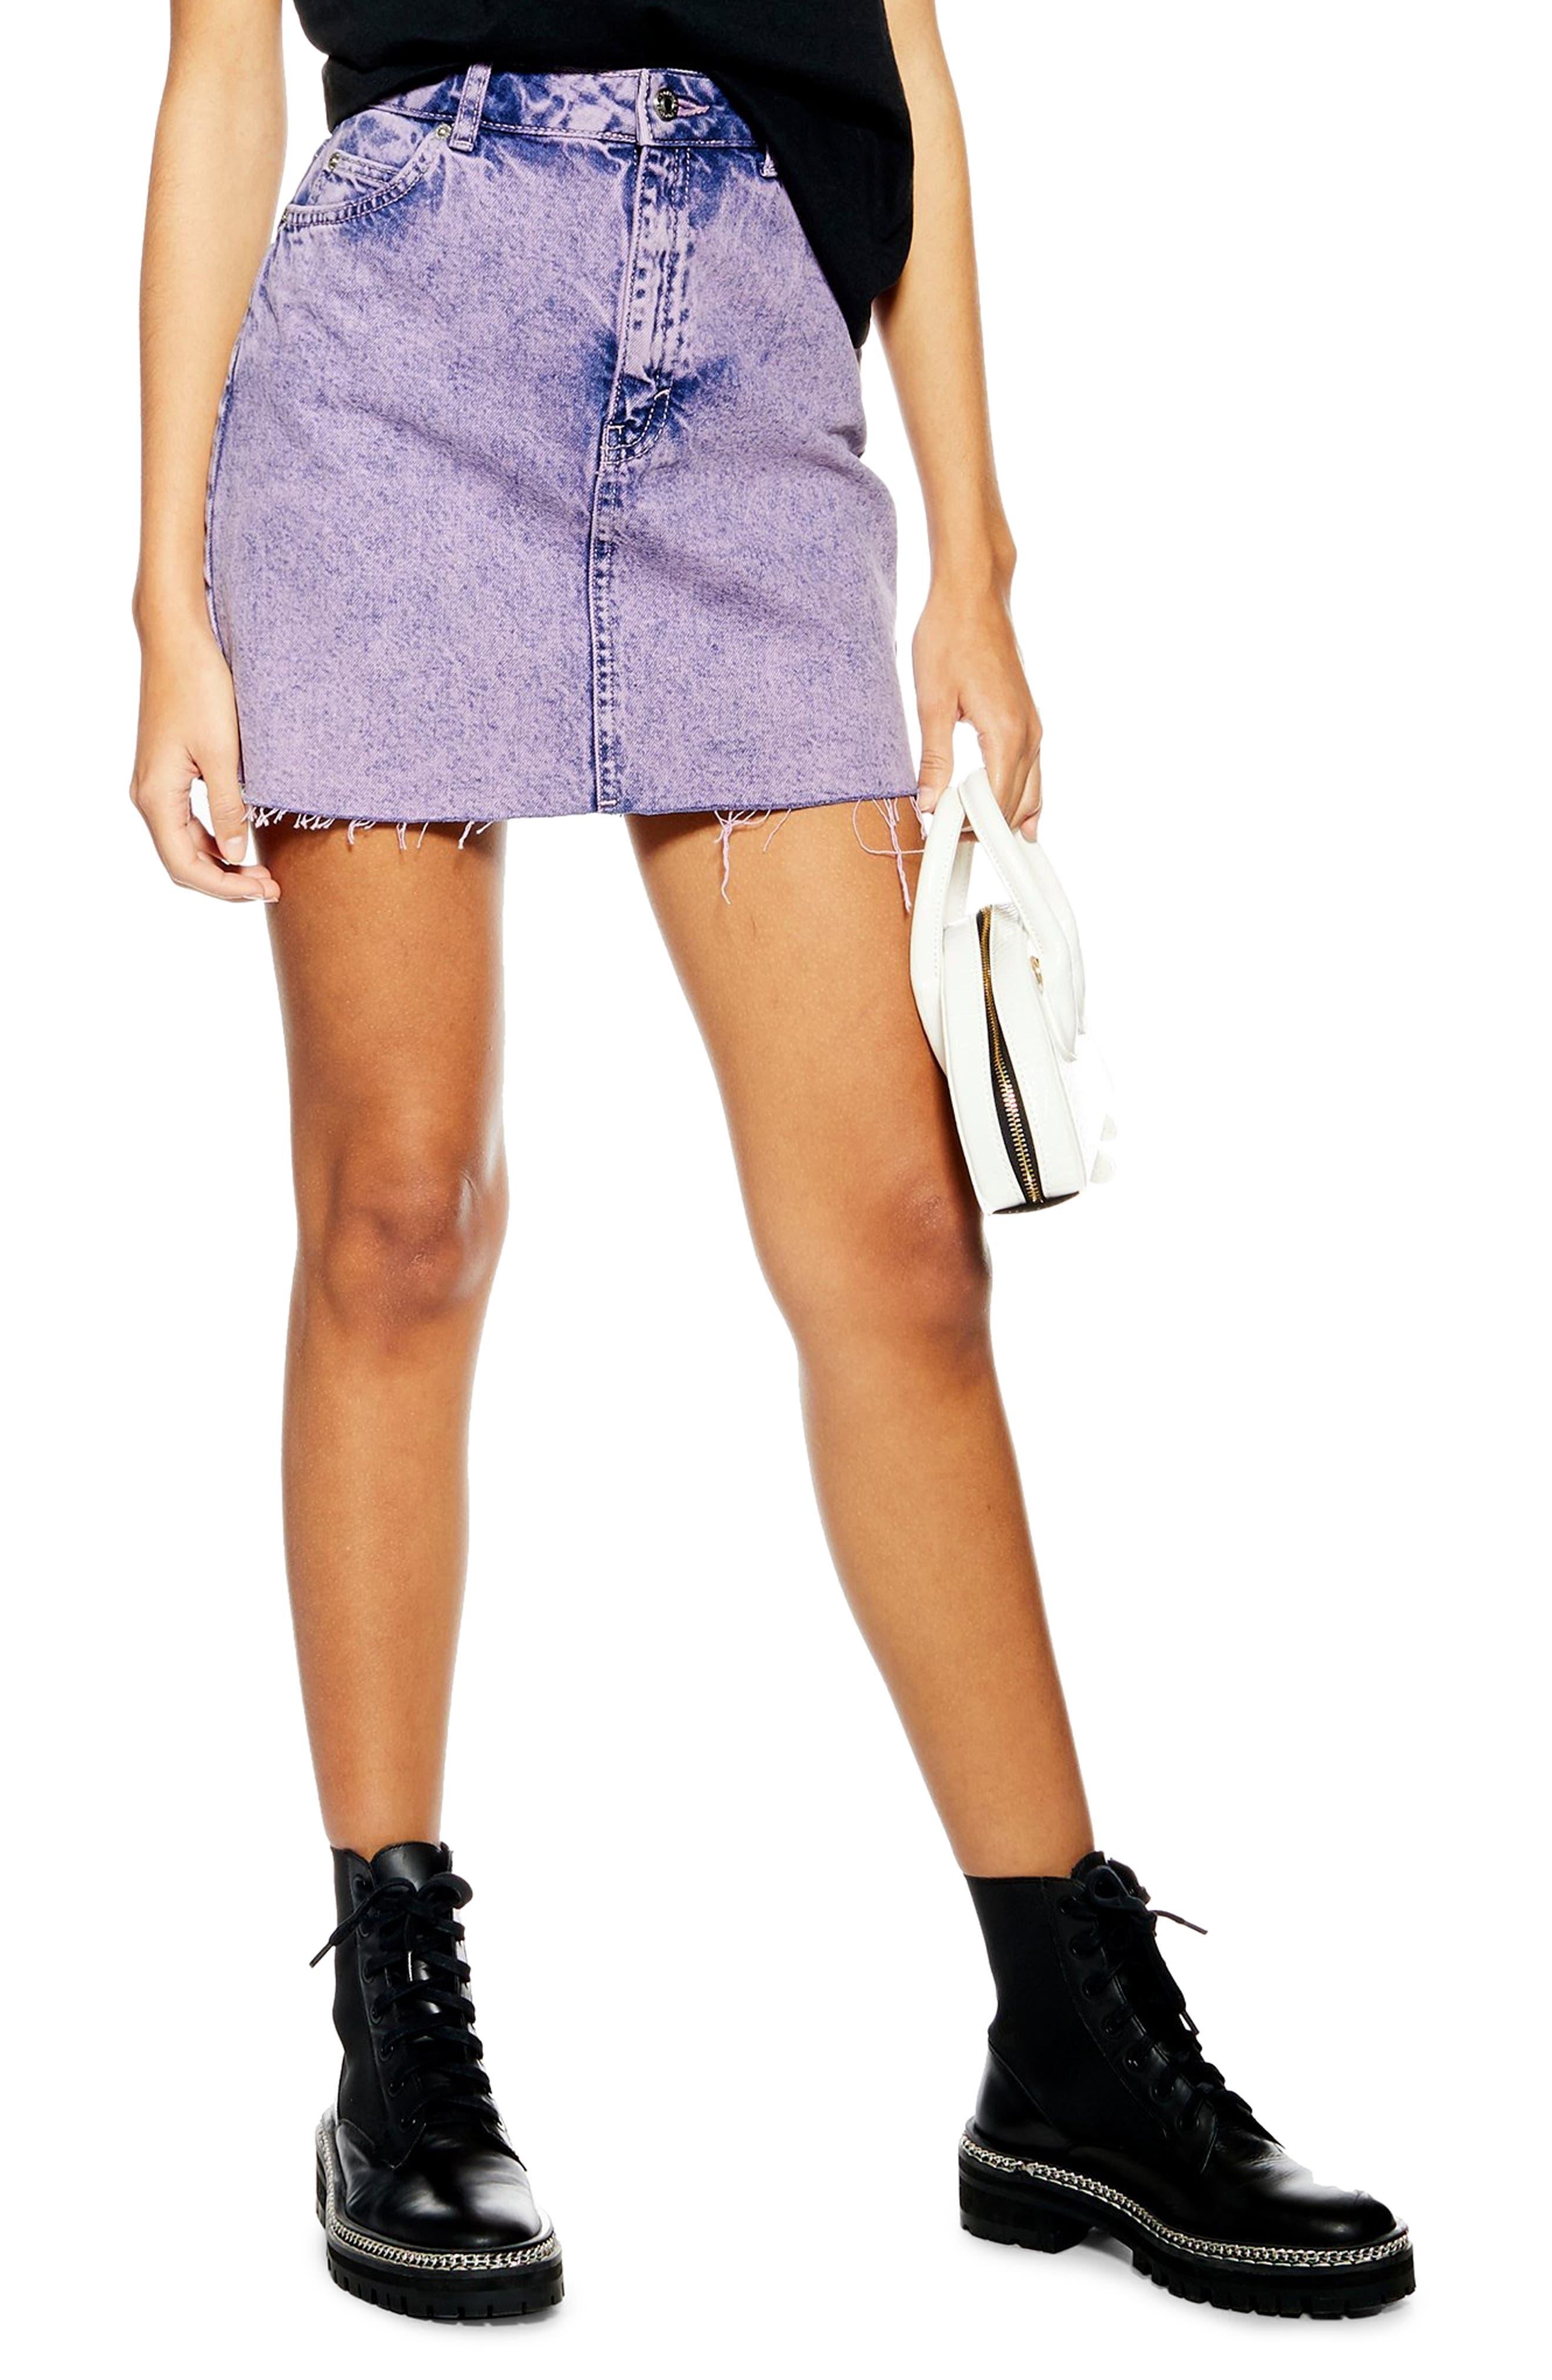 Topshop Acid Wash Miniskirt, US (fits like 10-12) - Purple